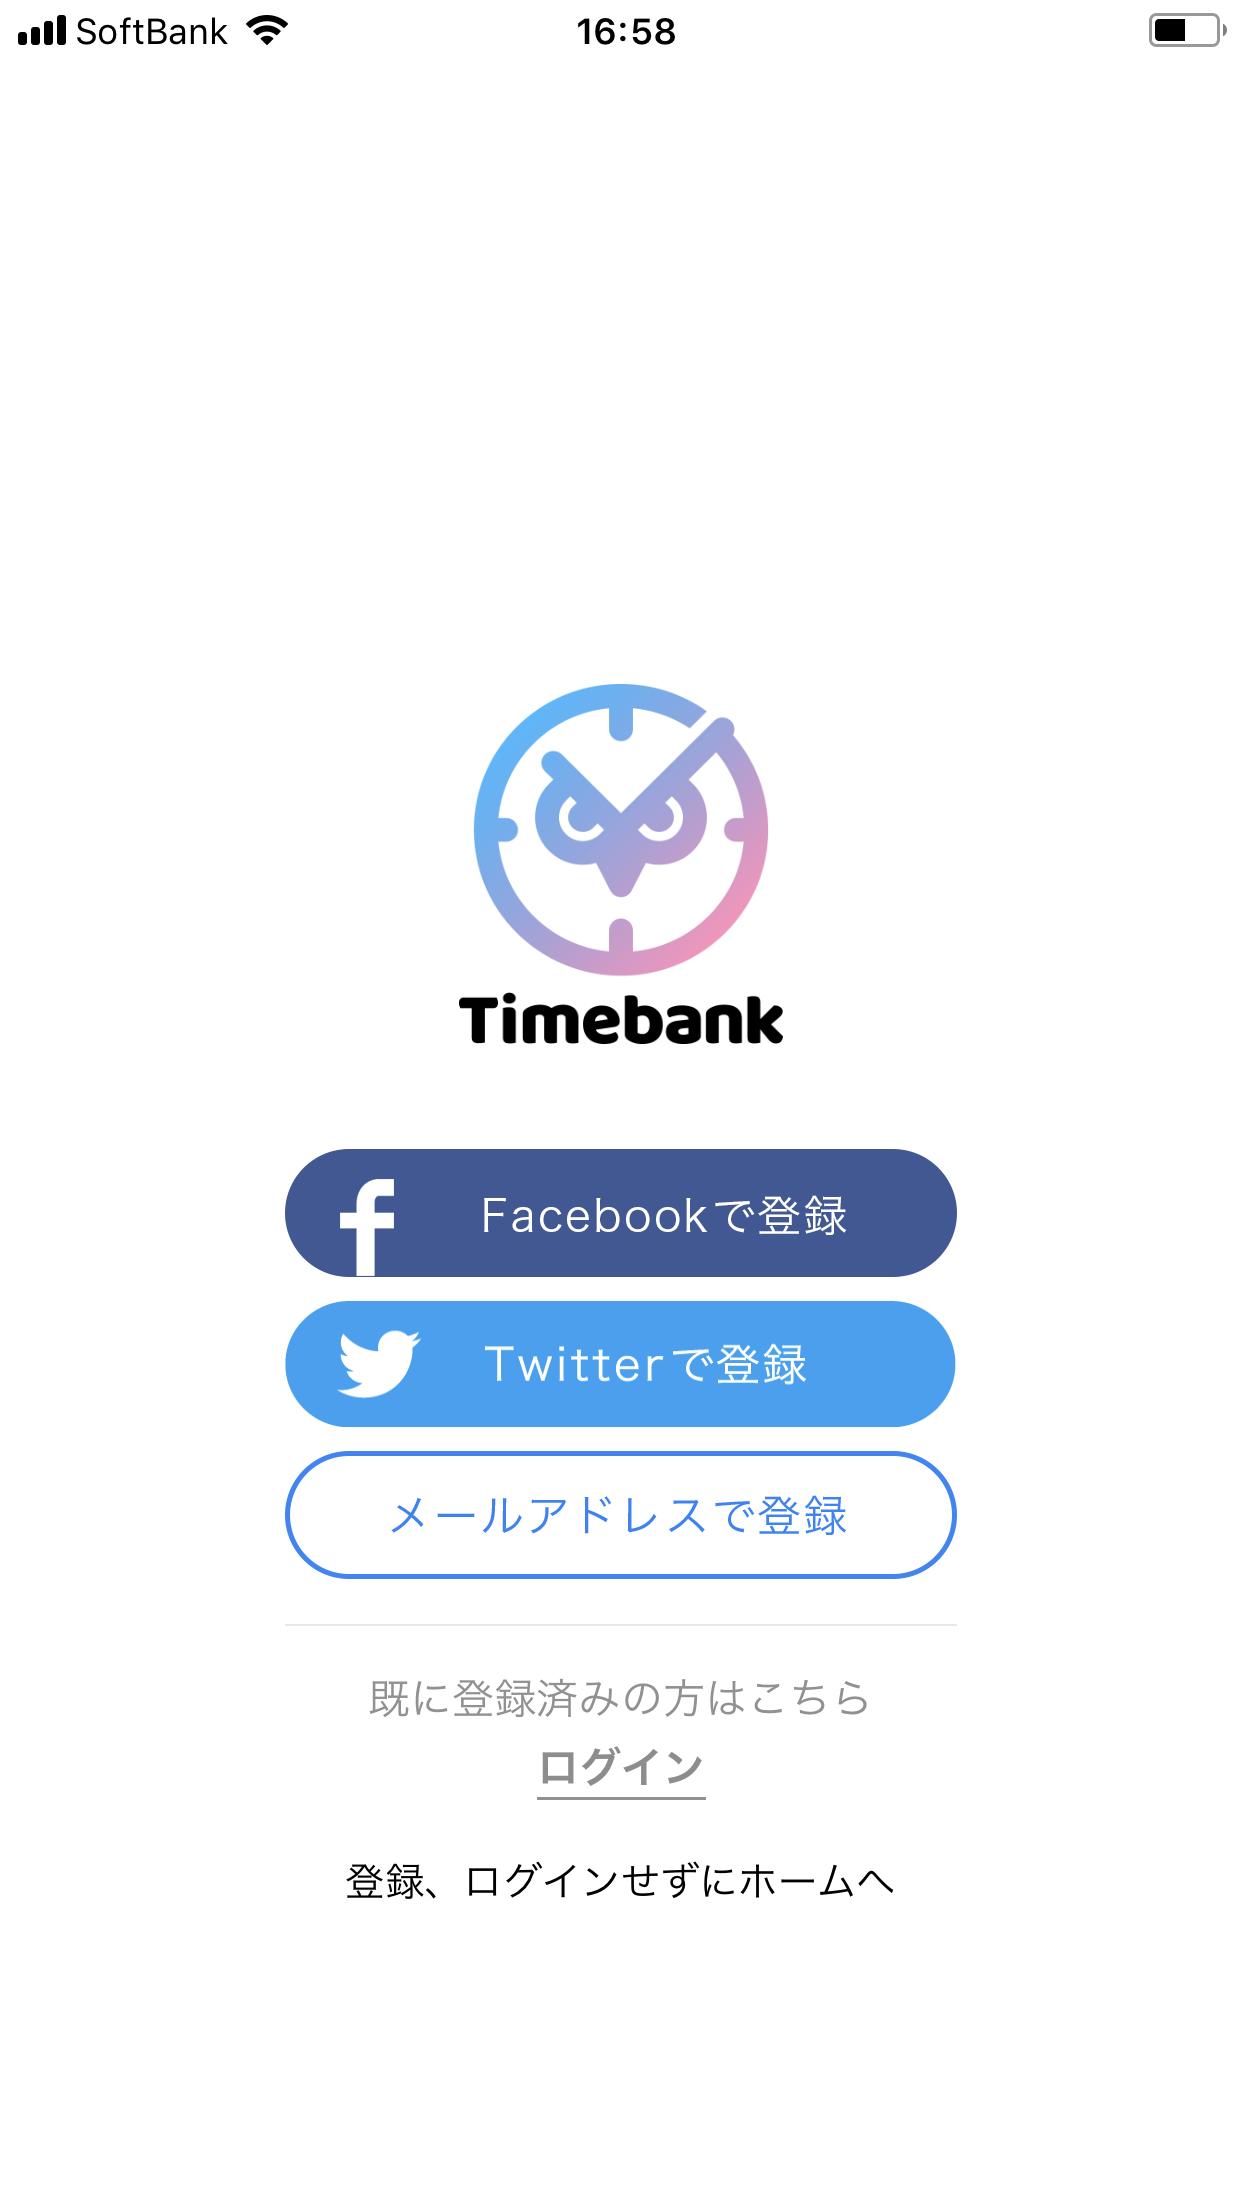 タイムバンクの登録方法①